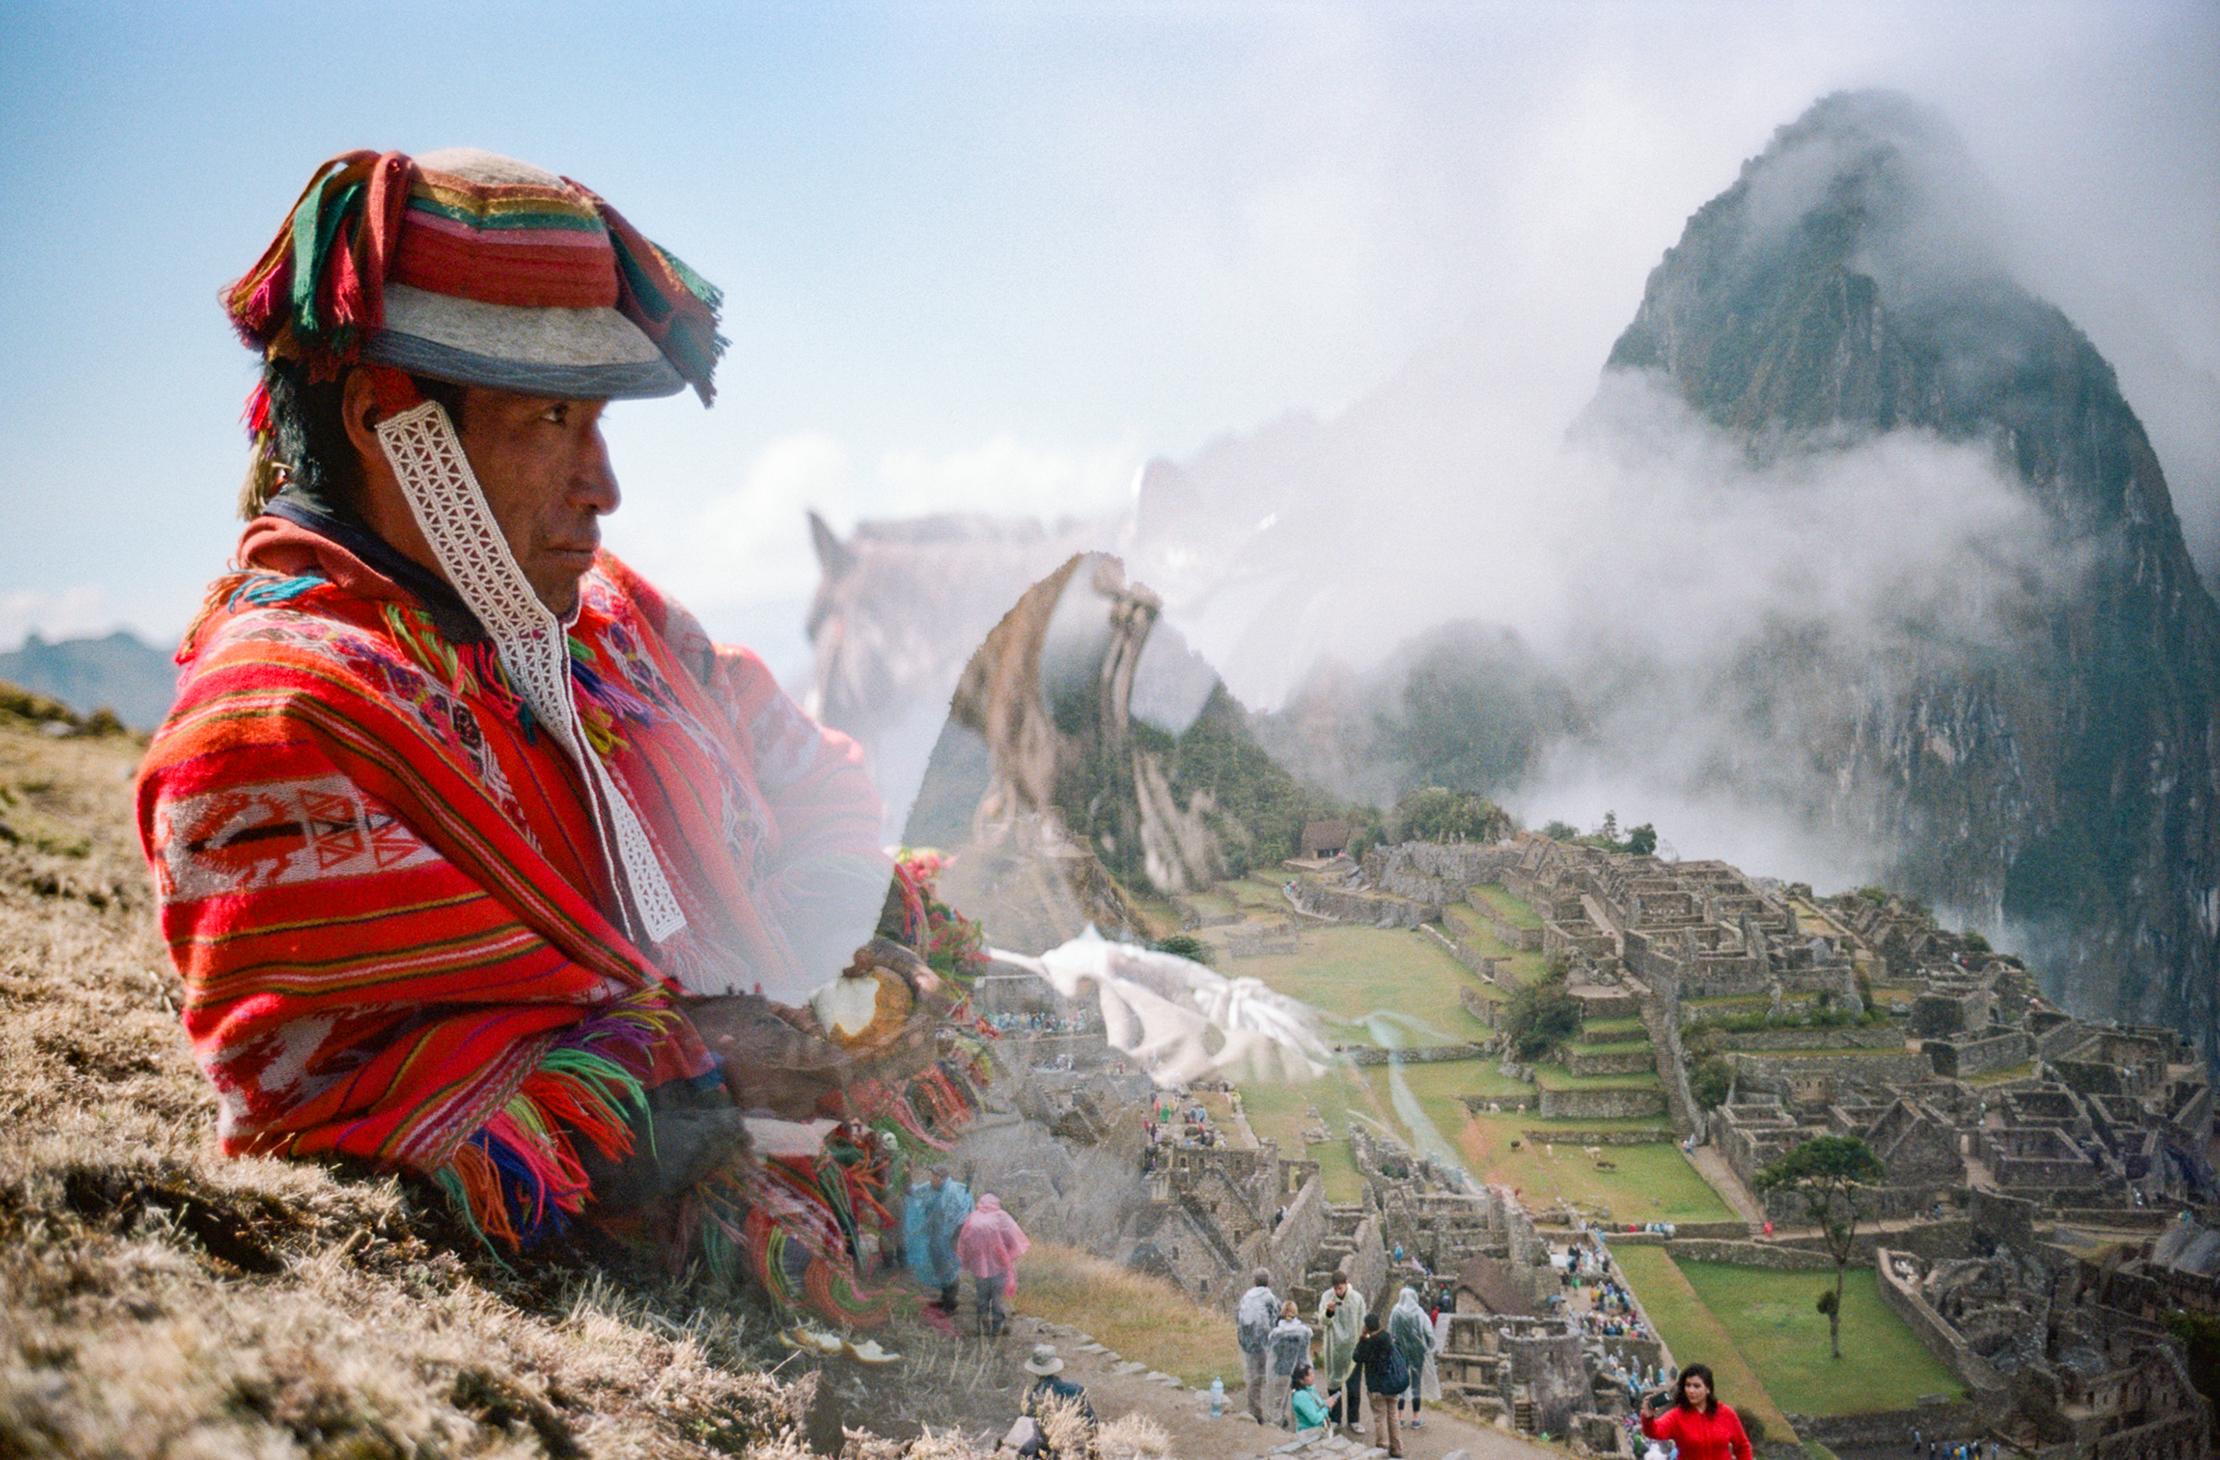 DEO_19489_MTU_Peru_027-27.jpg